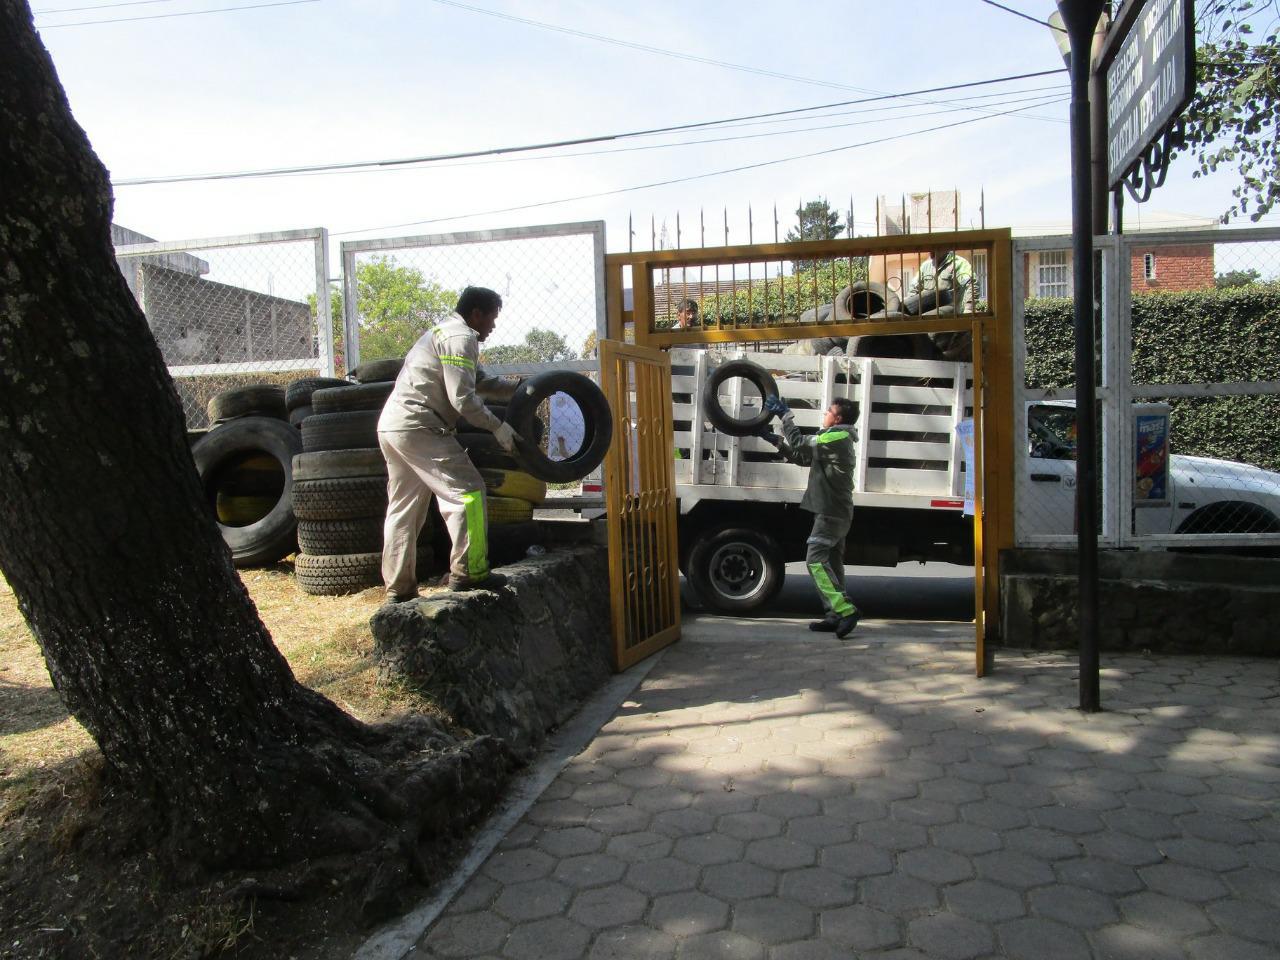 MEGA CAMPAÑA PARA EVITAR CONTAMINACIÓN EN VIALIDADES DE XOCHIMILCO